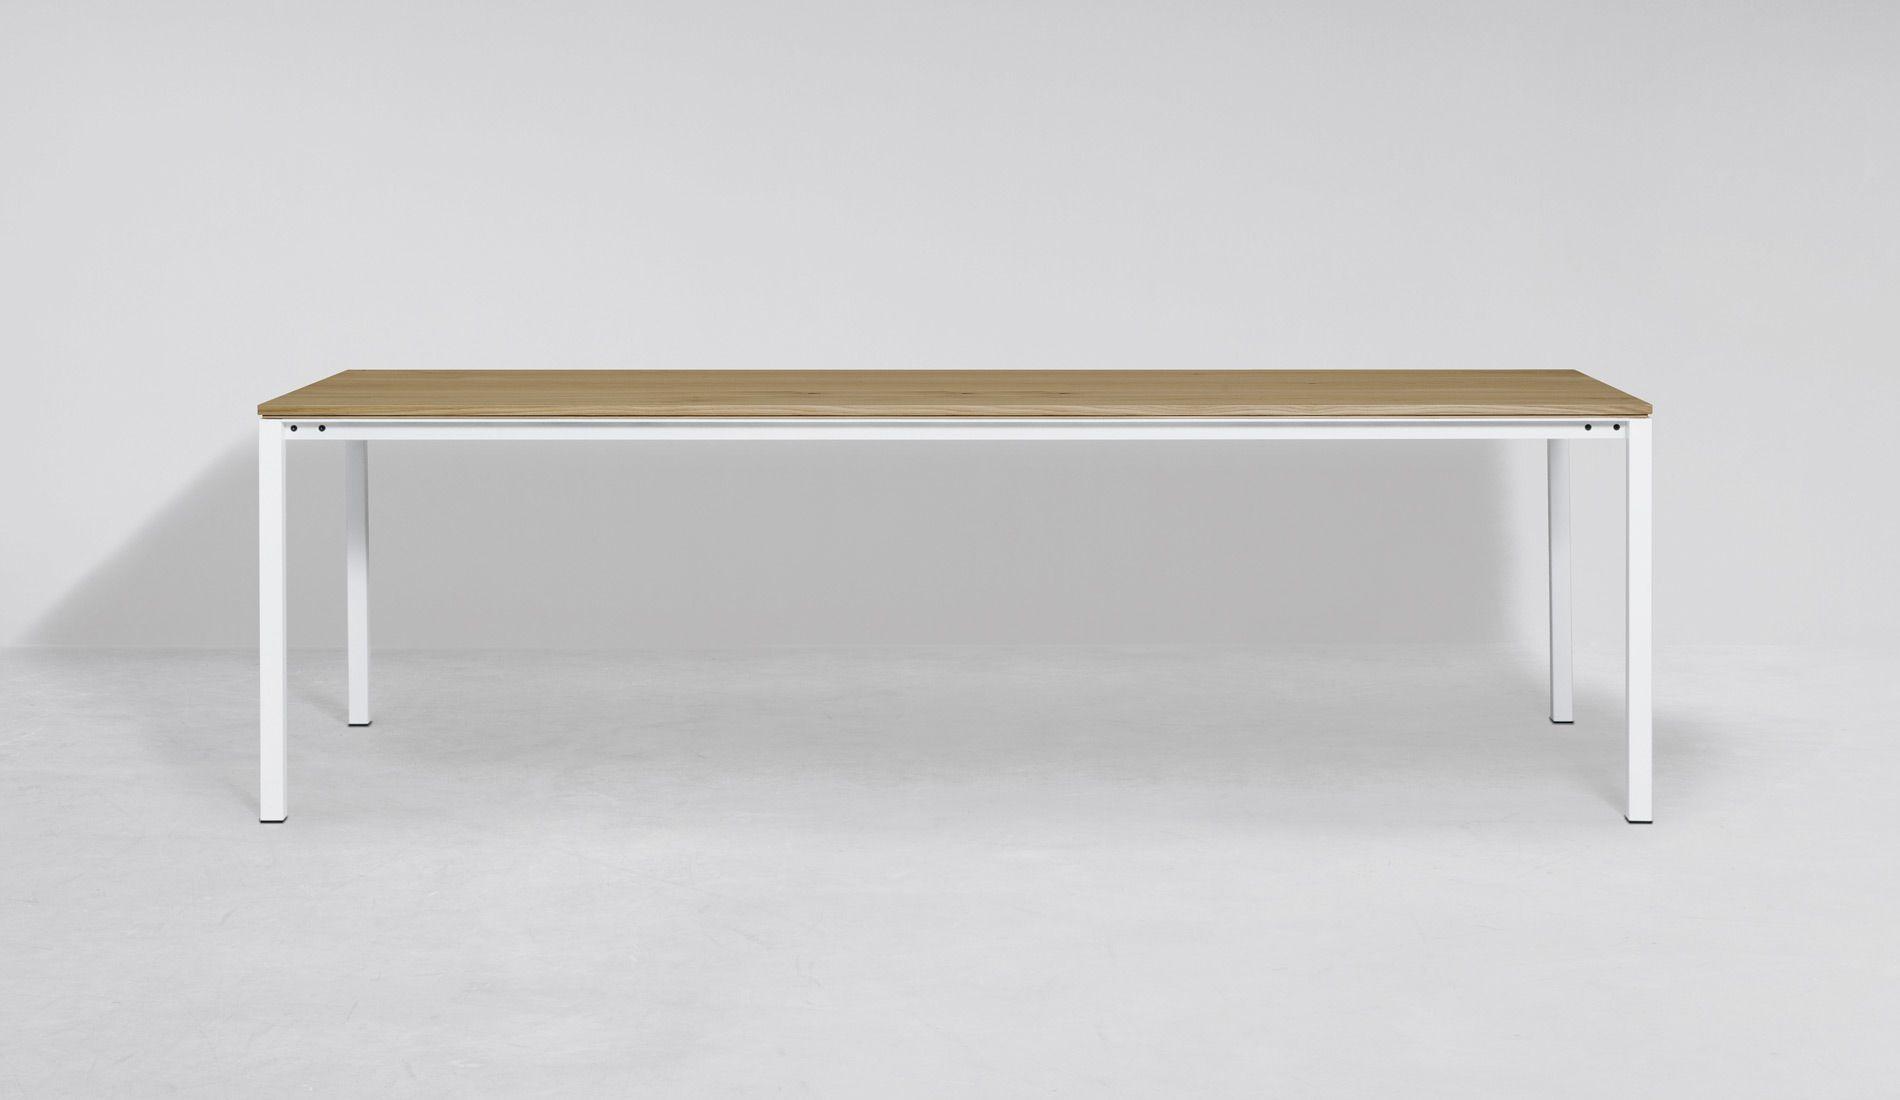 janua s600 tisch eiche innenraum pinterest eiche tisch und esszimmer. Black Bedroom Furniture Sets. Home Design Ideas